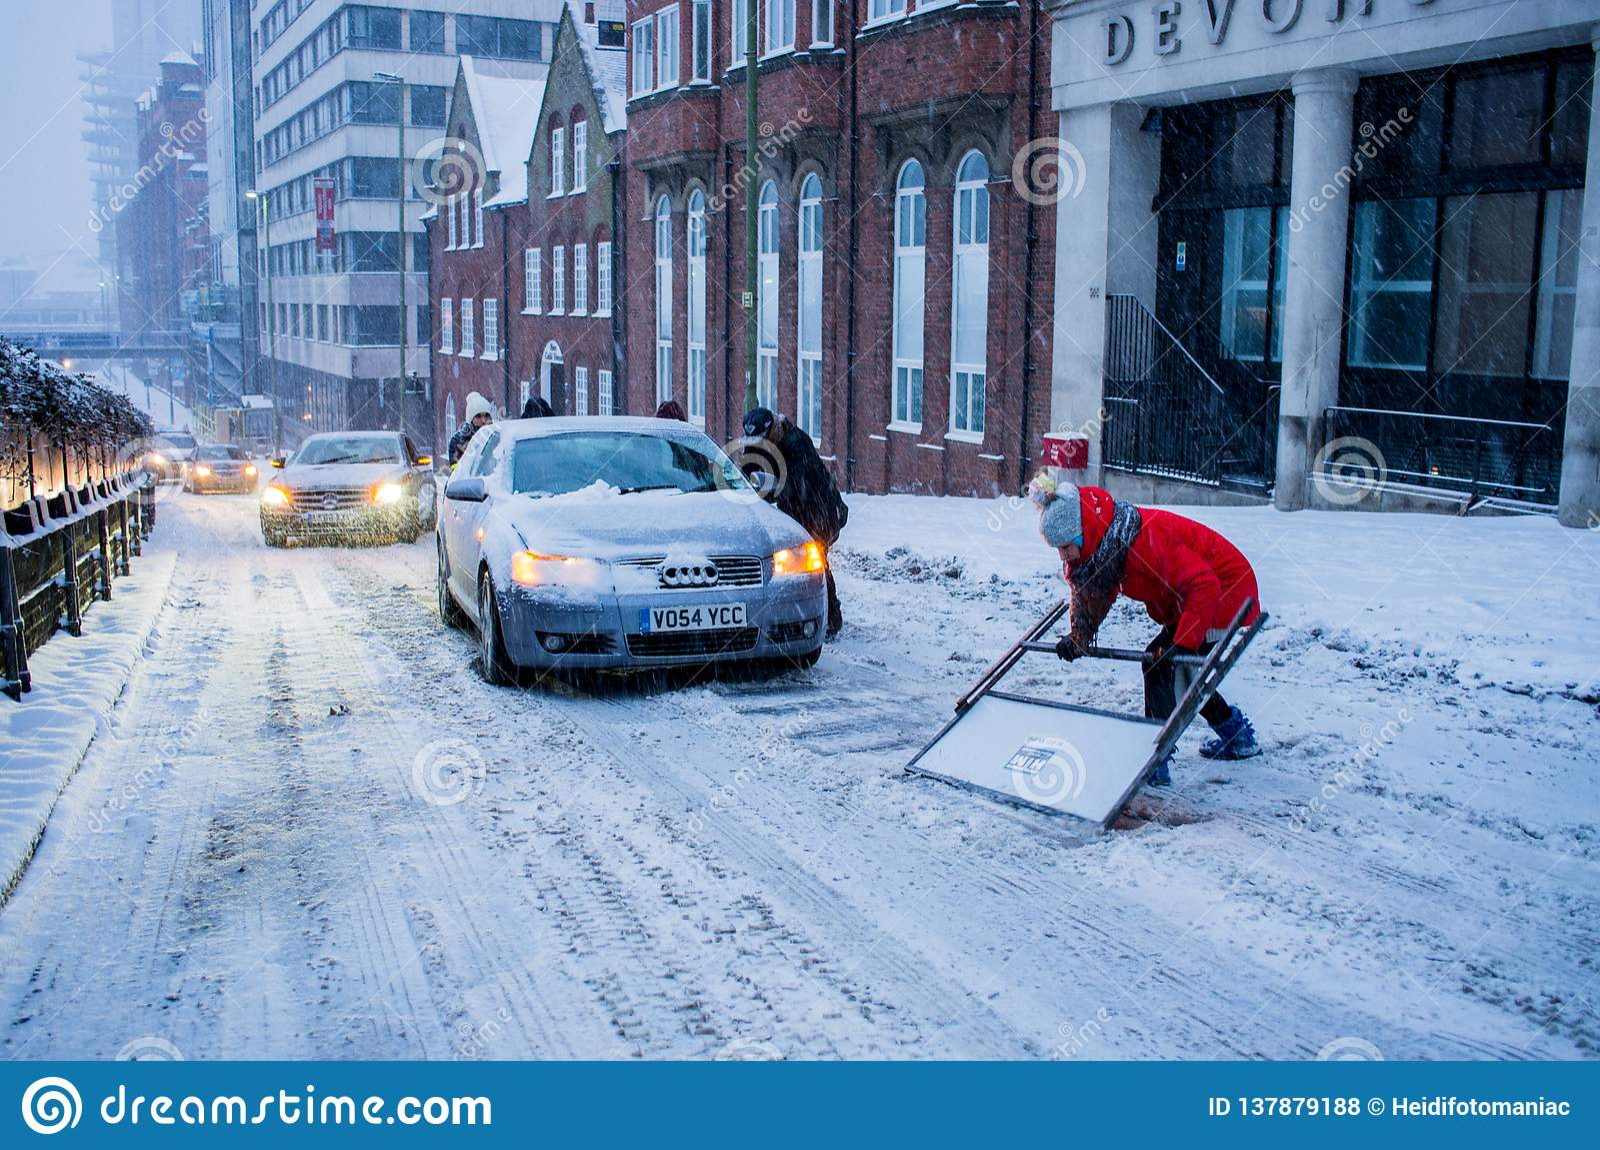 Zware sneeuw in Birmingham, het Verenigd Koninkrijk